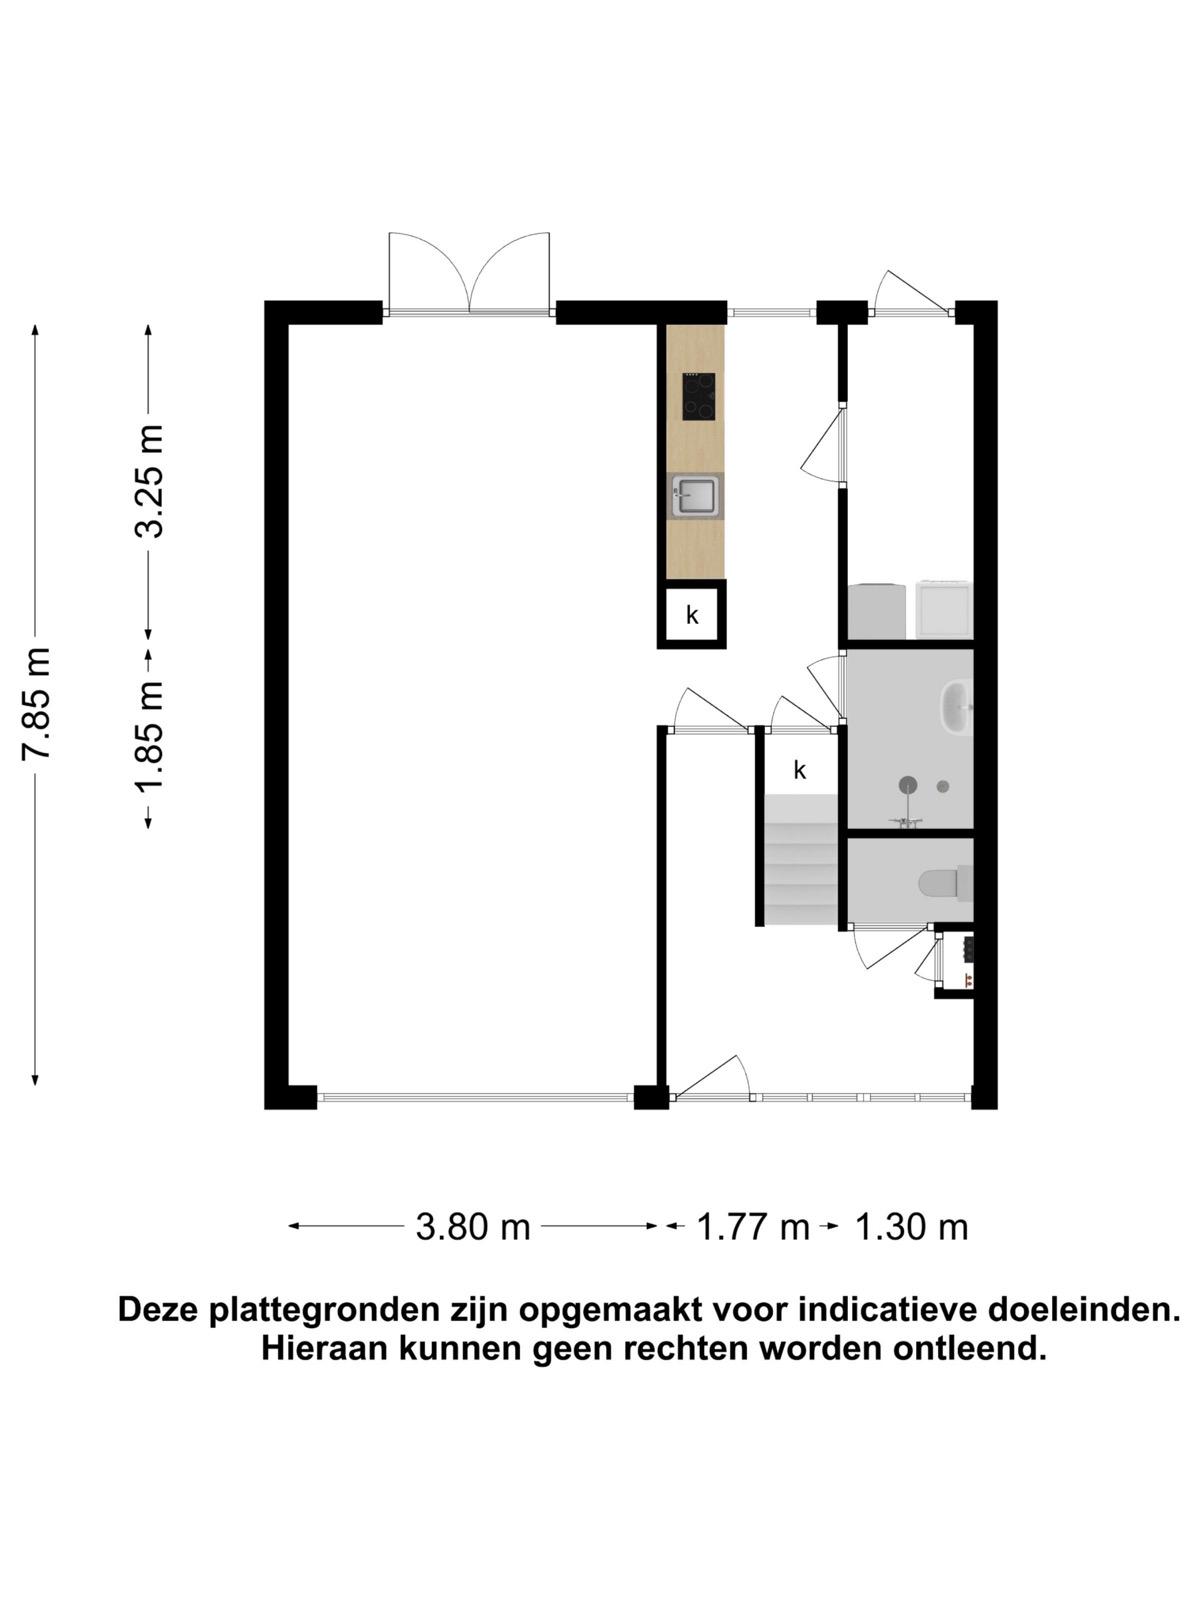 willem-westrastrjitte-3-arum-plattegrond-22